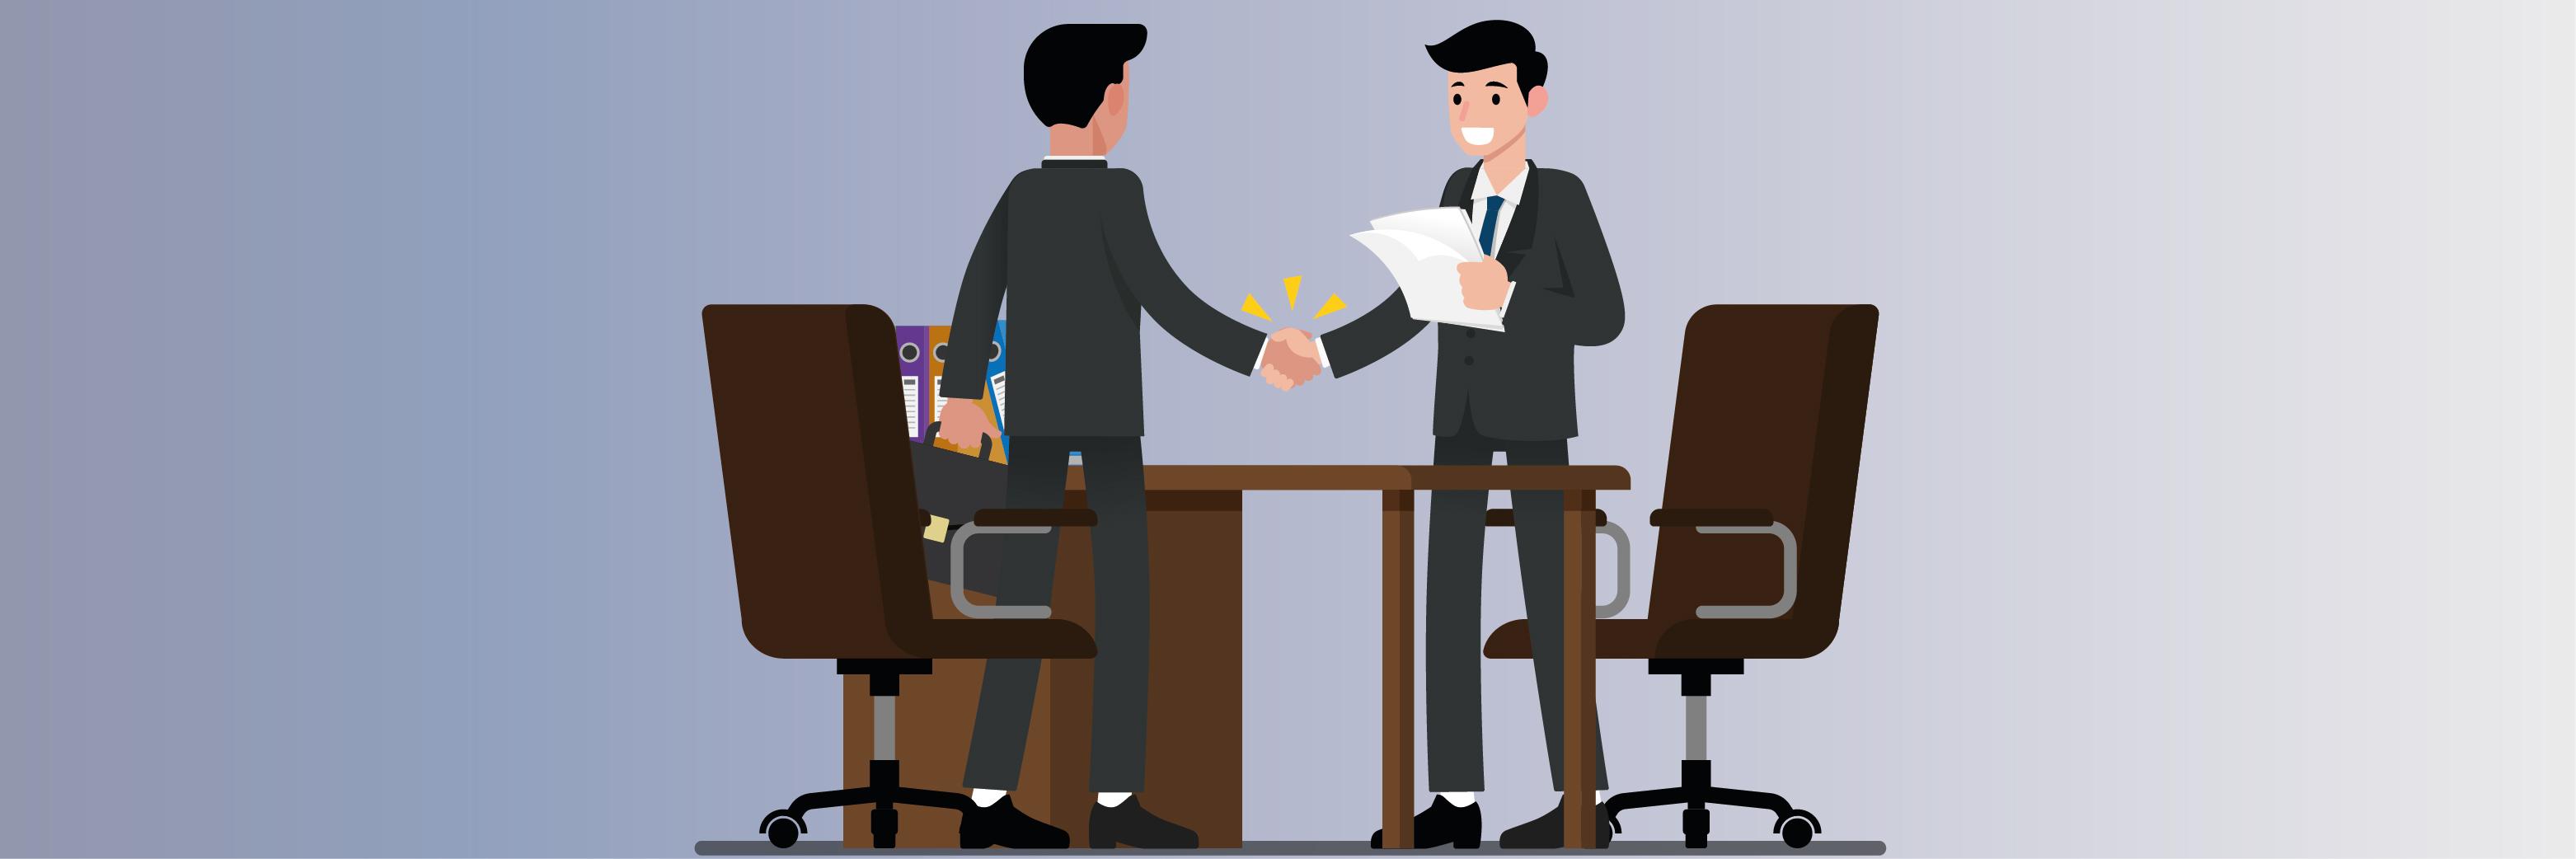 5 فوائد لاختيار الموظفين المتعاقدين